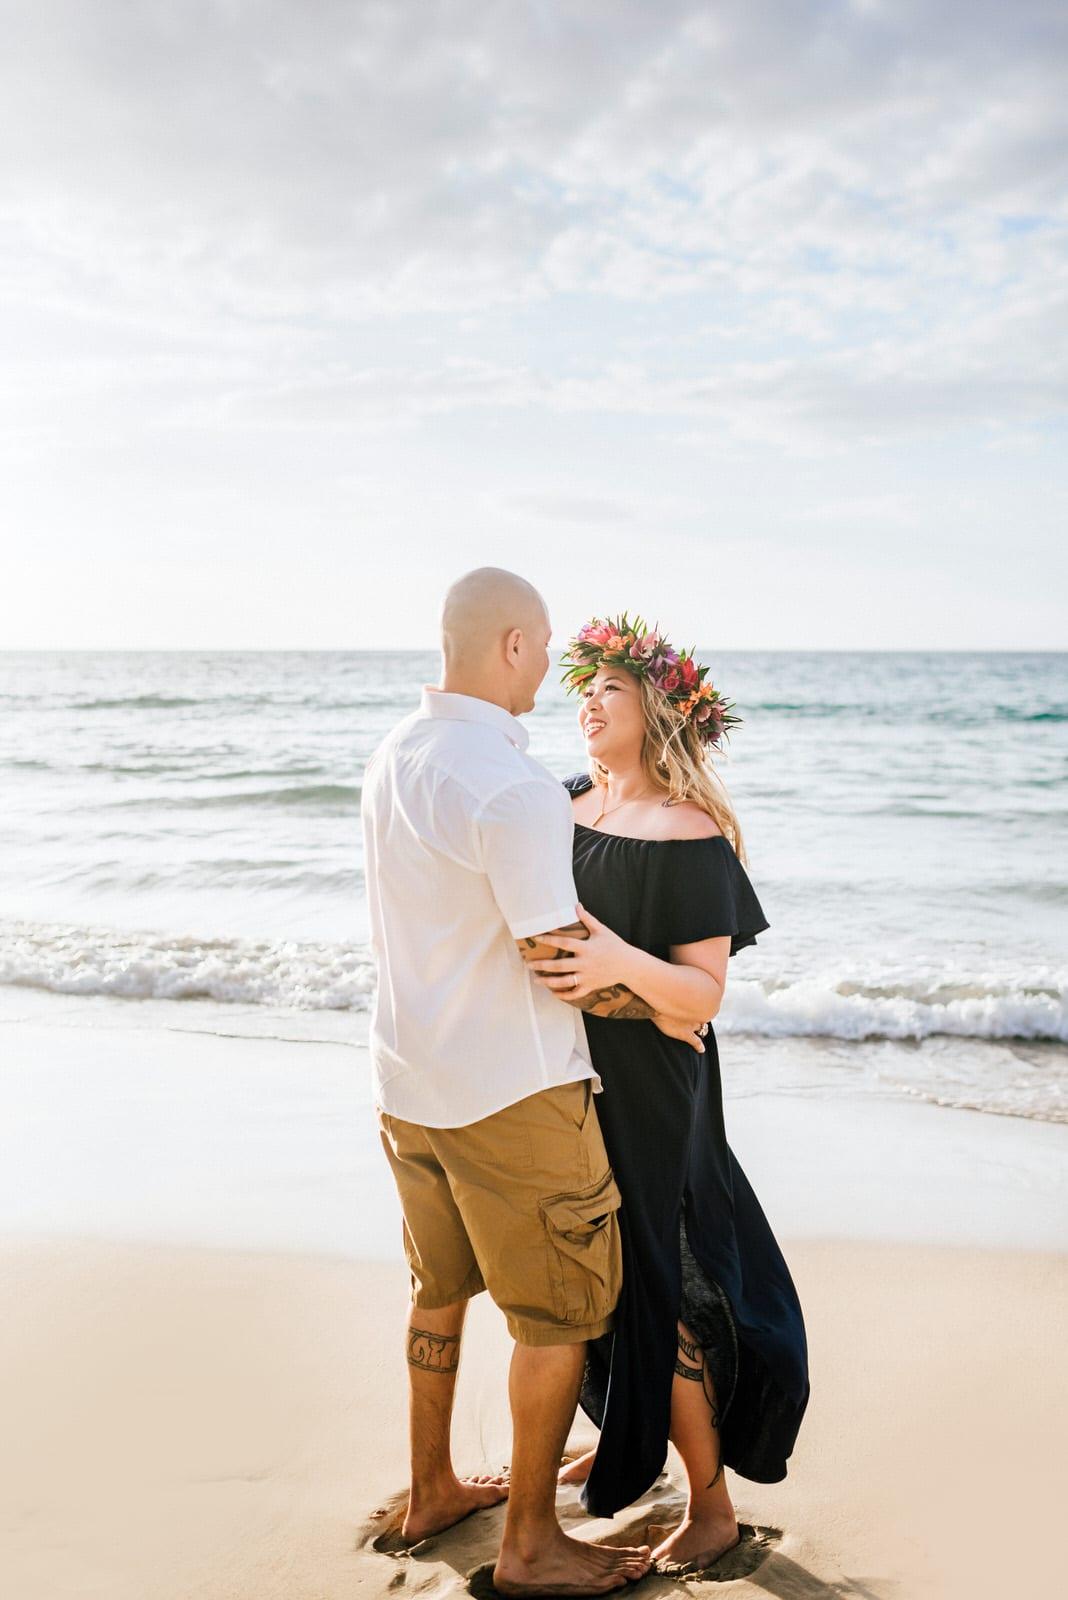 beach-family-photos-hawaii-flower-crown-7.jpg